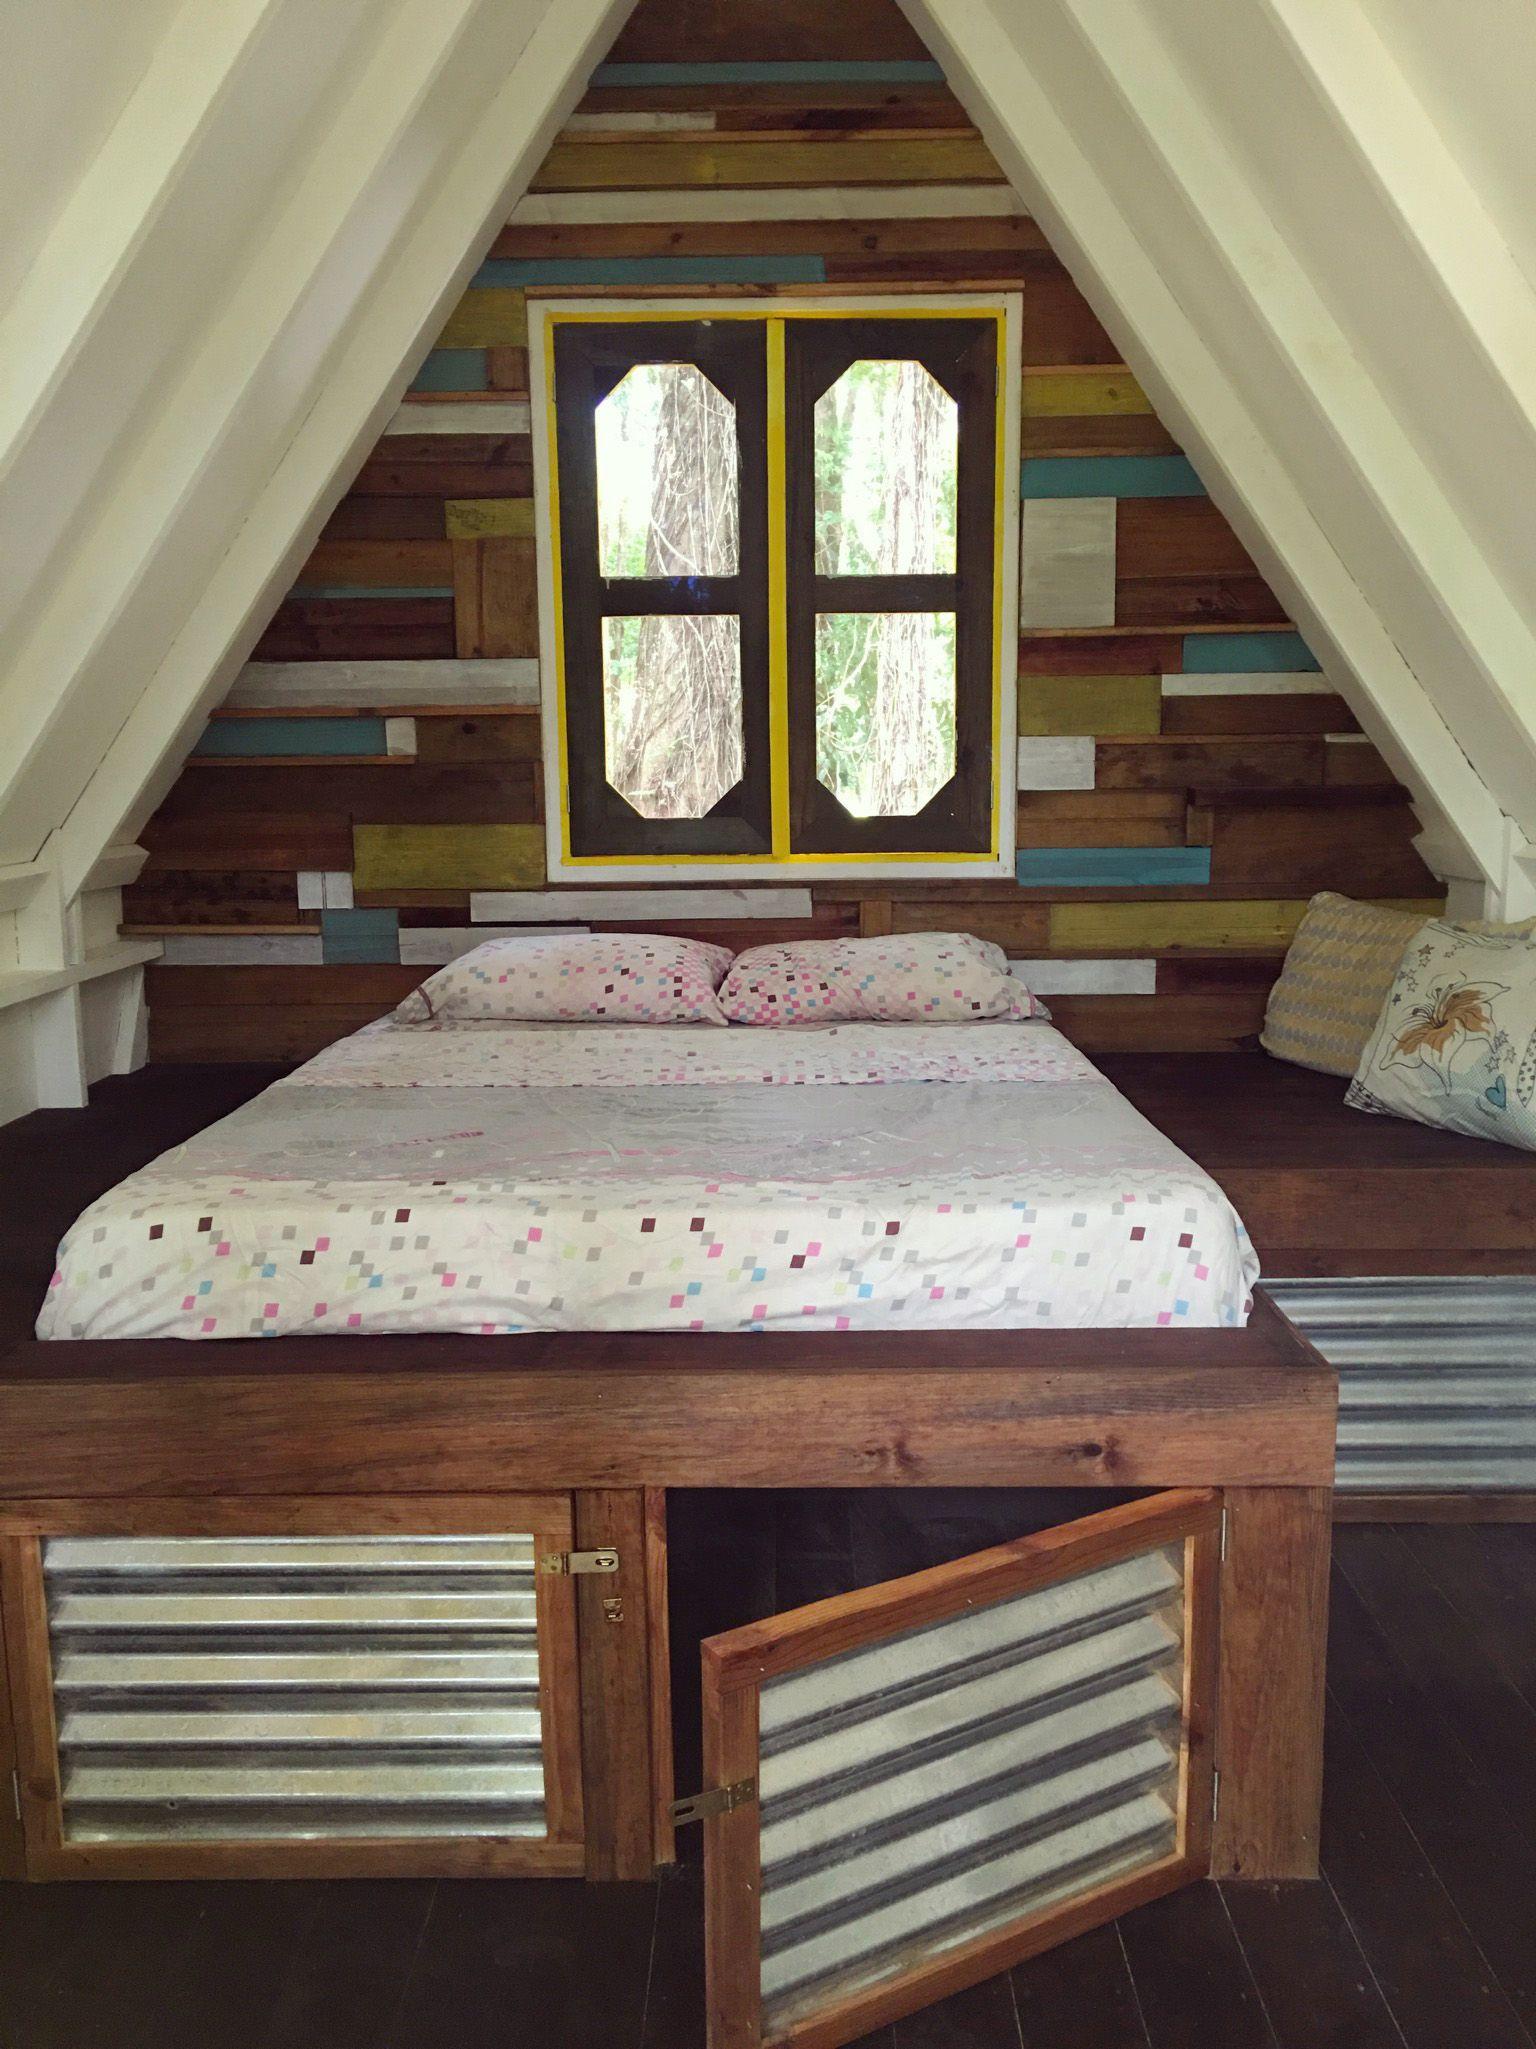 Pin von Nomad Tree Lodge auf Beds | Pinterest